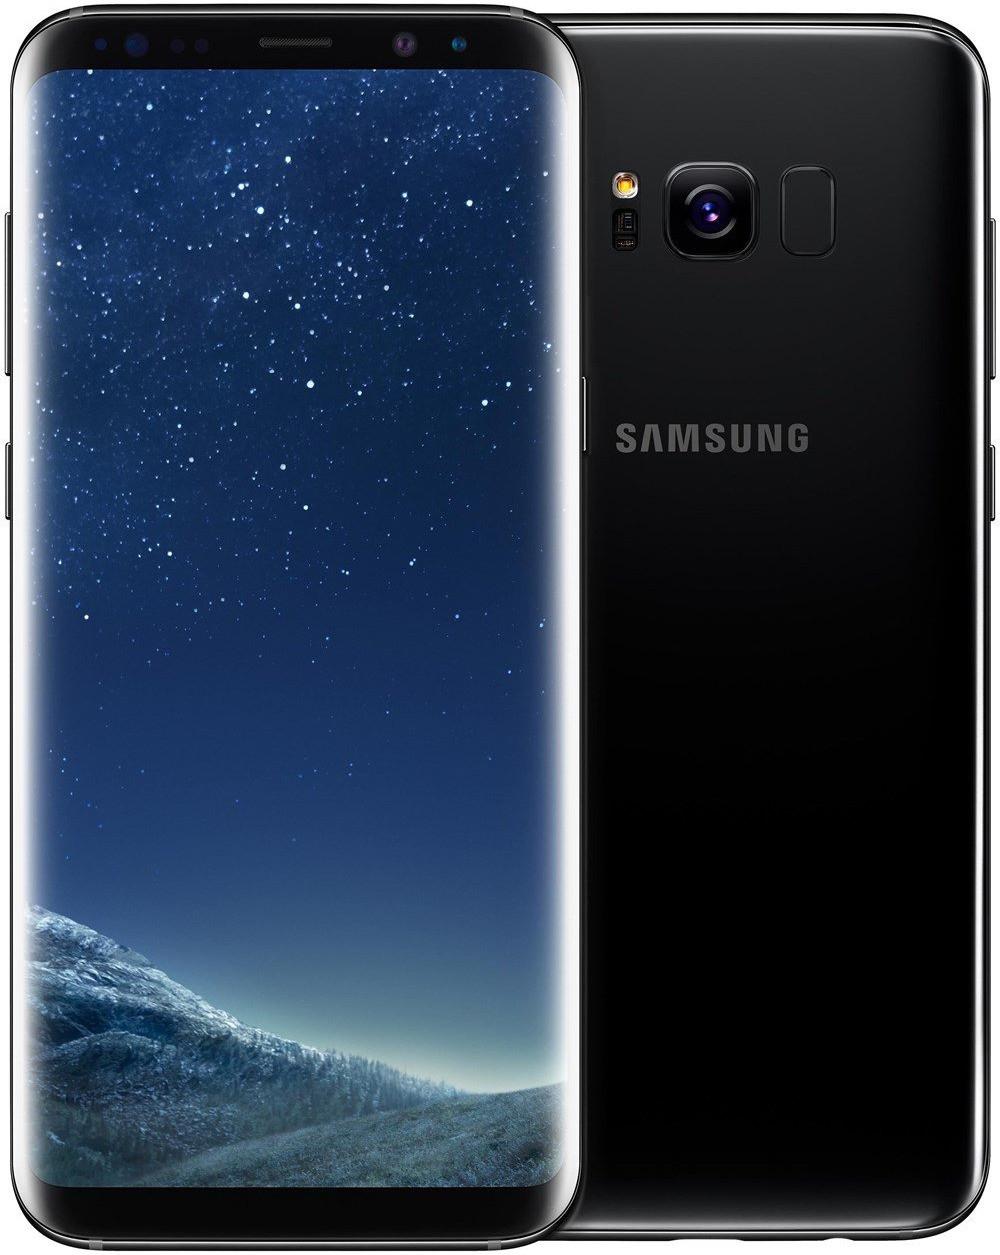 Samsung Galaxy S8 Plus 6.2 Zoll QHD+ AMOLED 64/4GB 3500mAh IP68 alle Farben [Saturn]